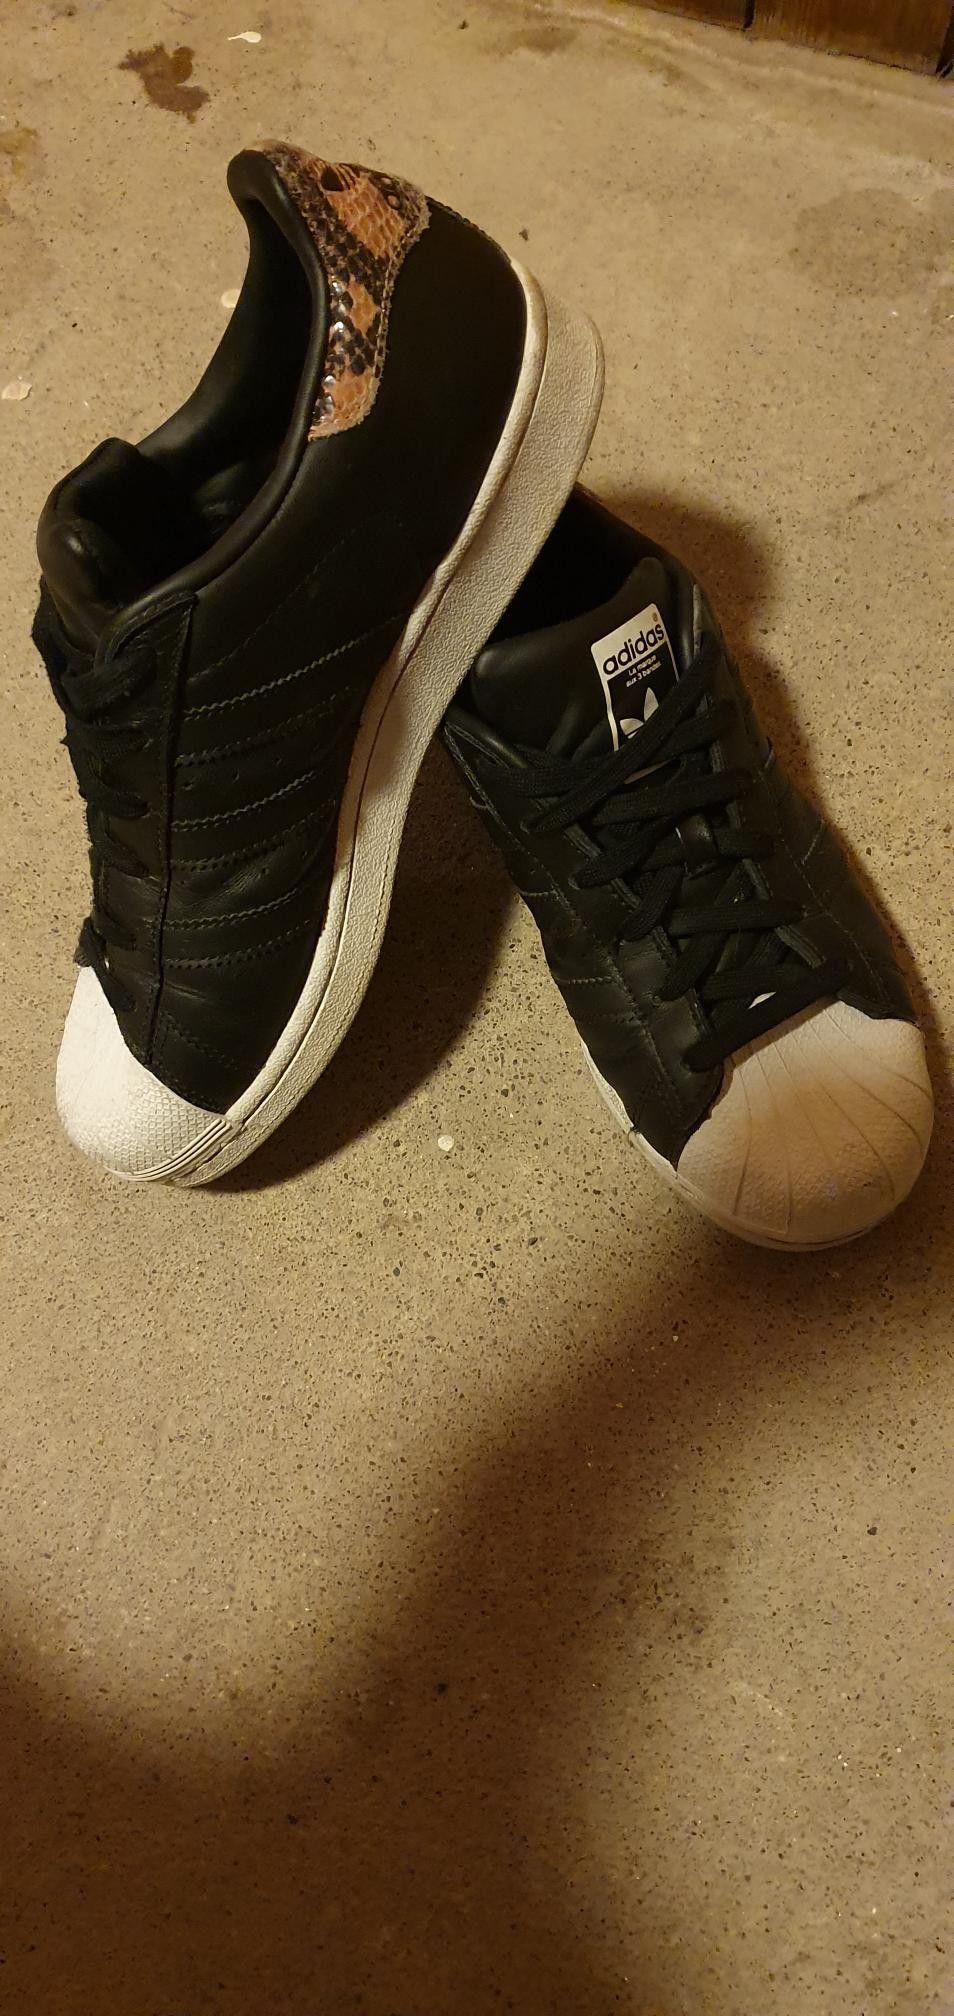 Limited edition Adidas damesko | FINN.no